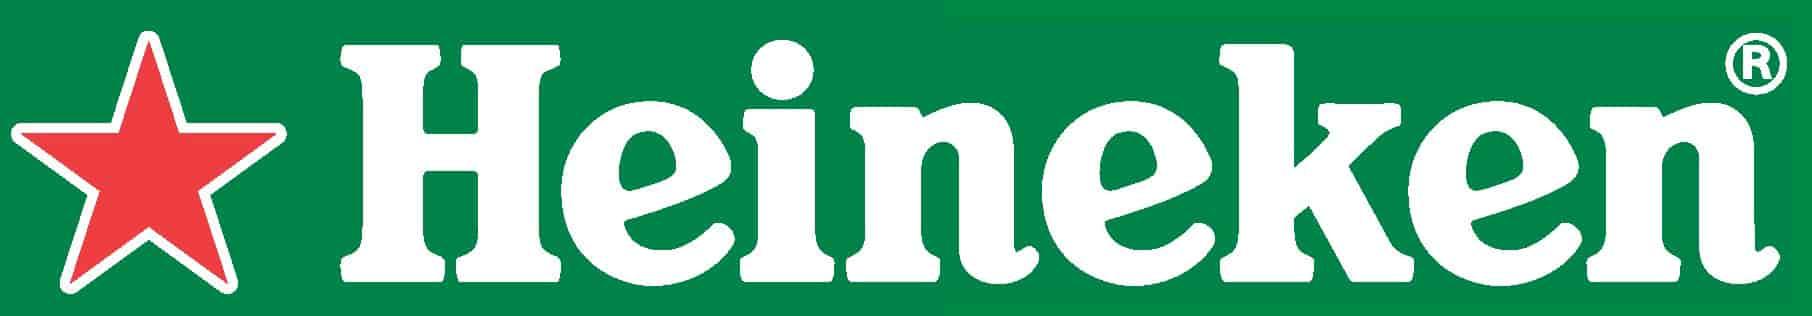 Sponsor sponsorName